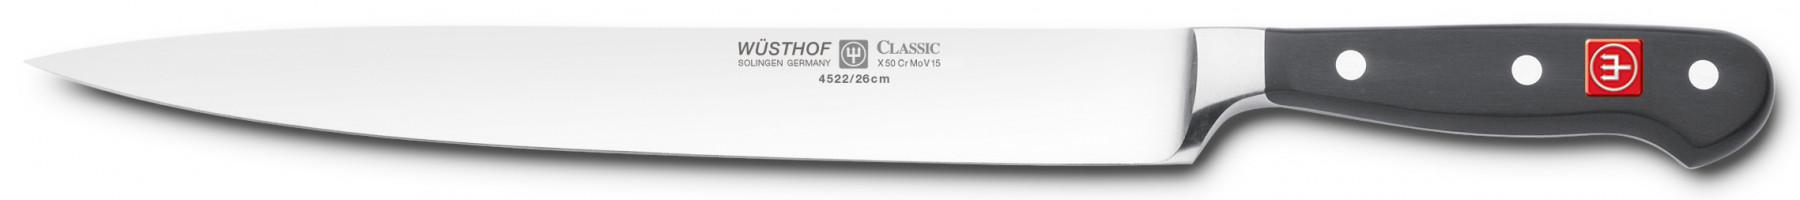 Wüsthof Dreizack Classic Tranchiermesser 26cm